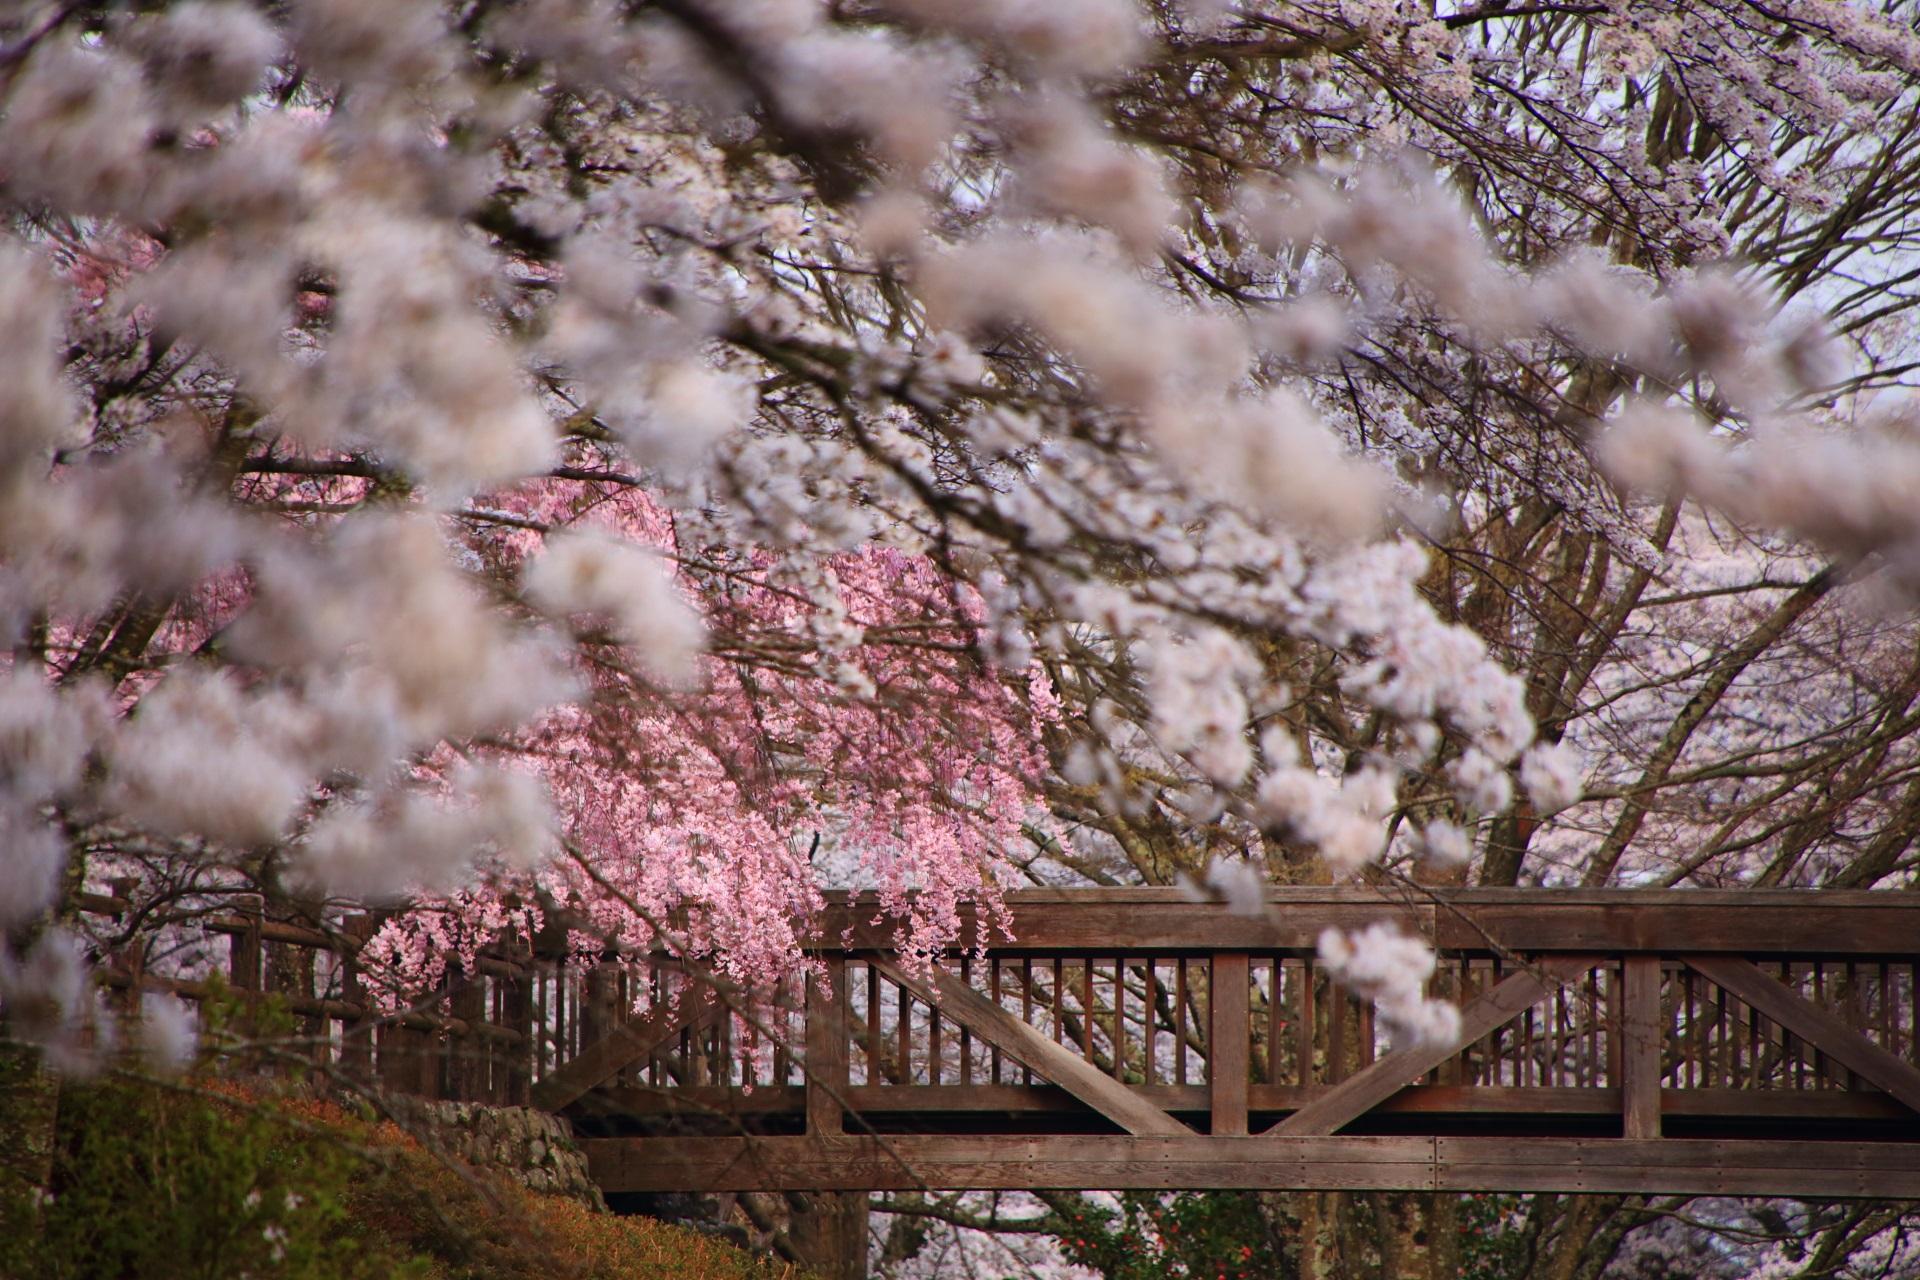 七谷川のソメイヨシノの中で咲くしだれ桜